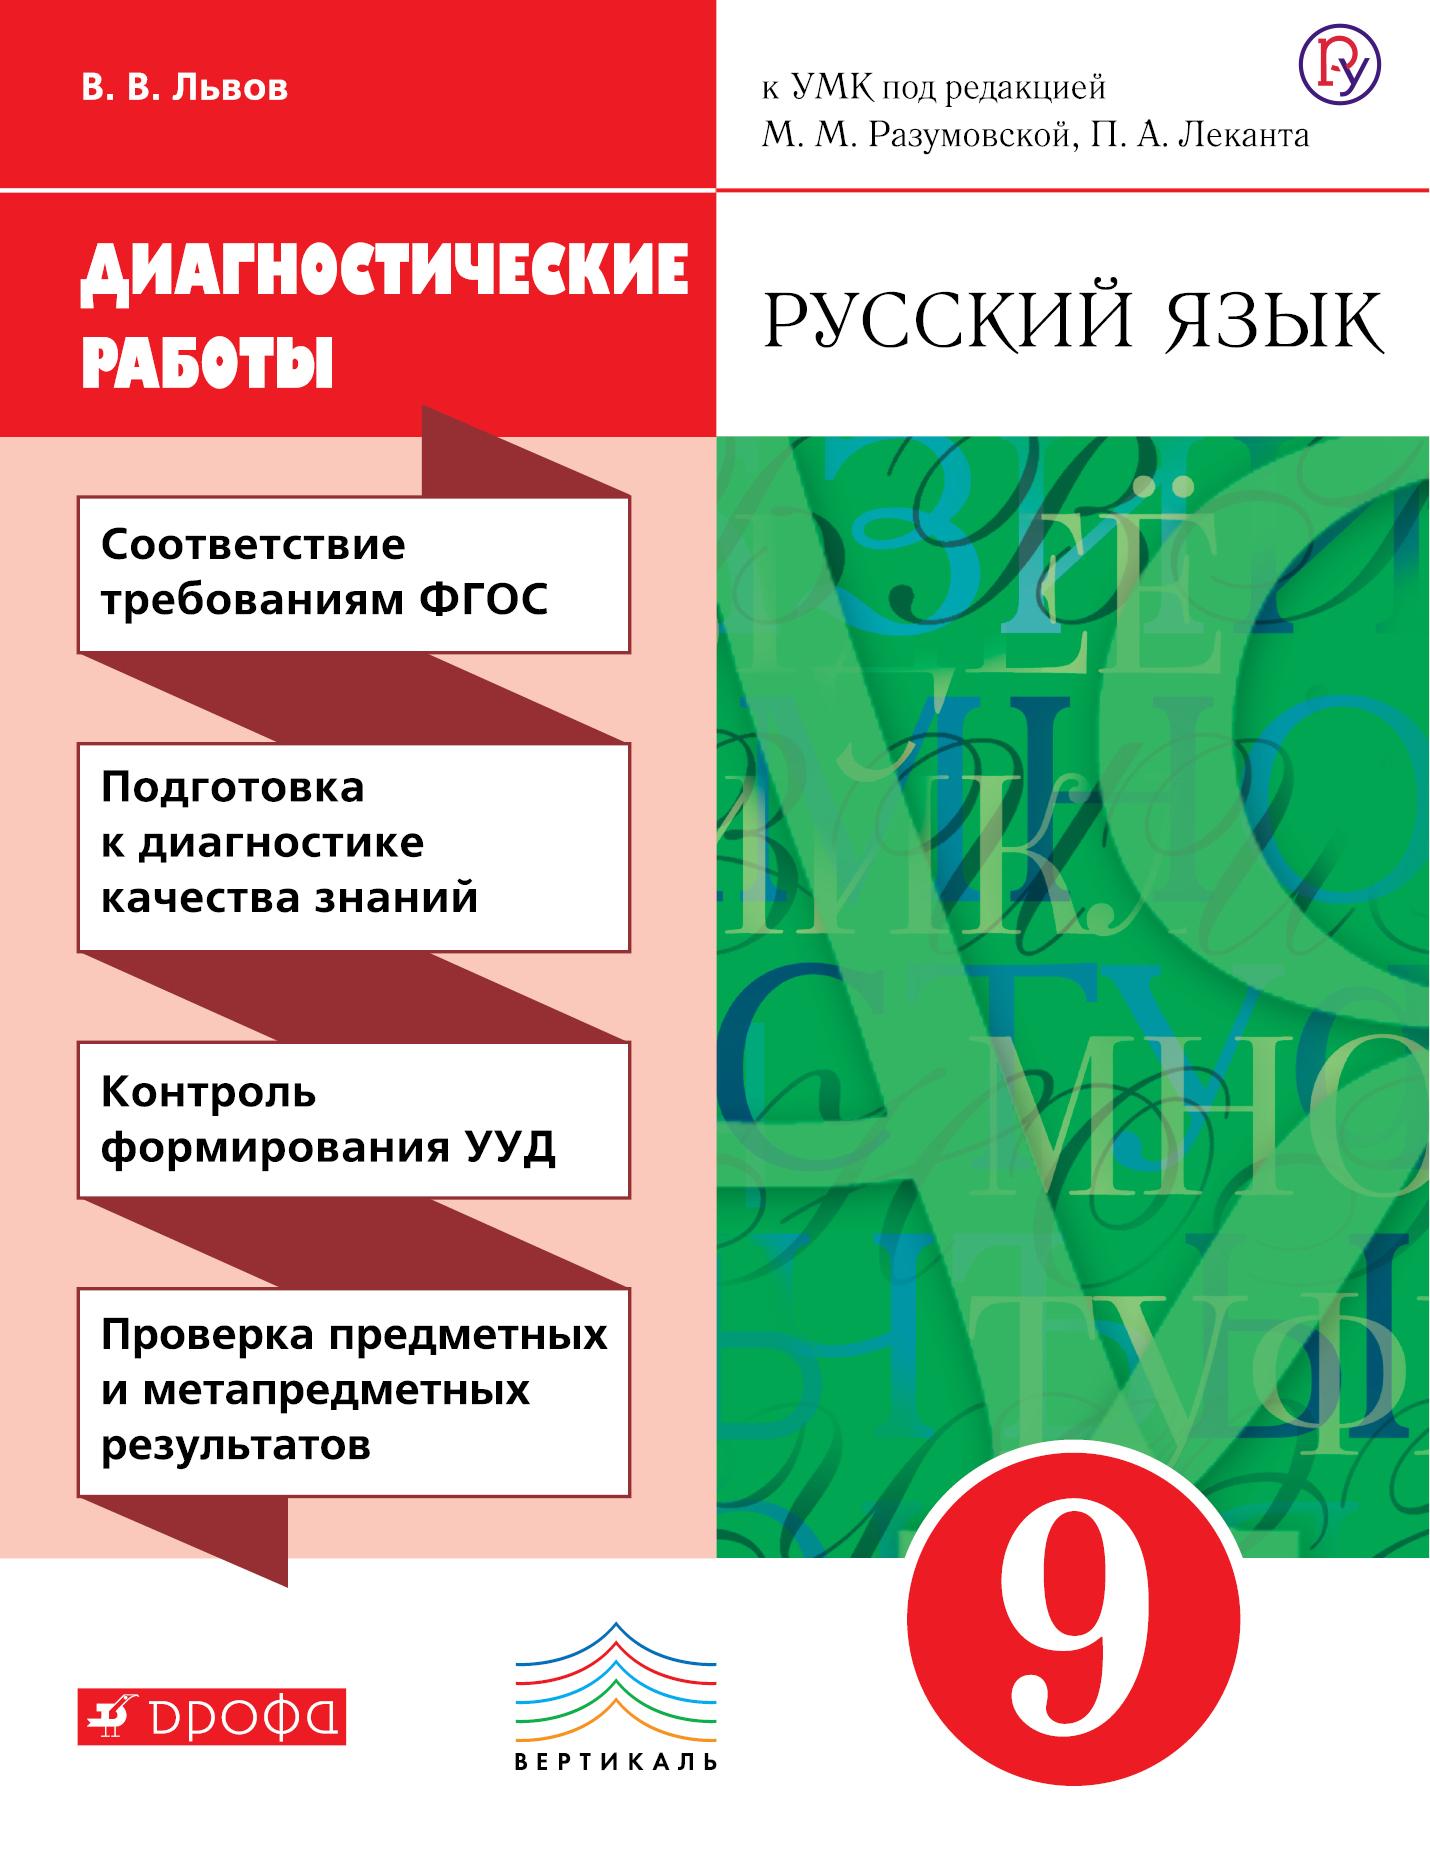 Русский язык. 9 класс. Диагностические работы ( Львов В.В.  )